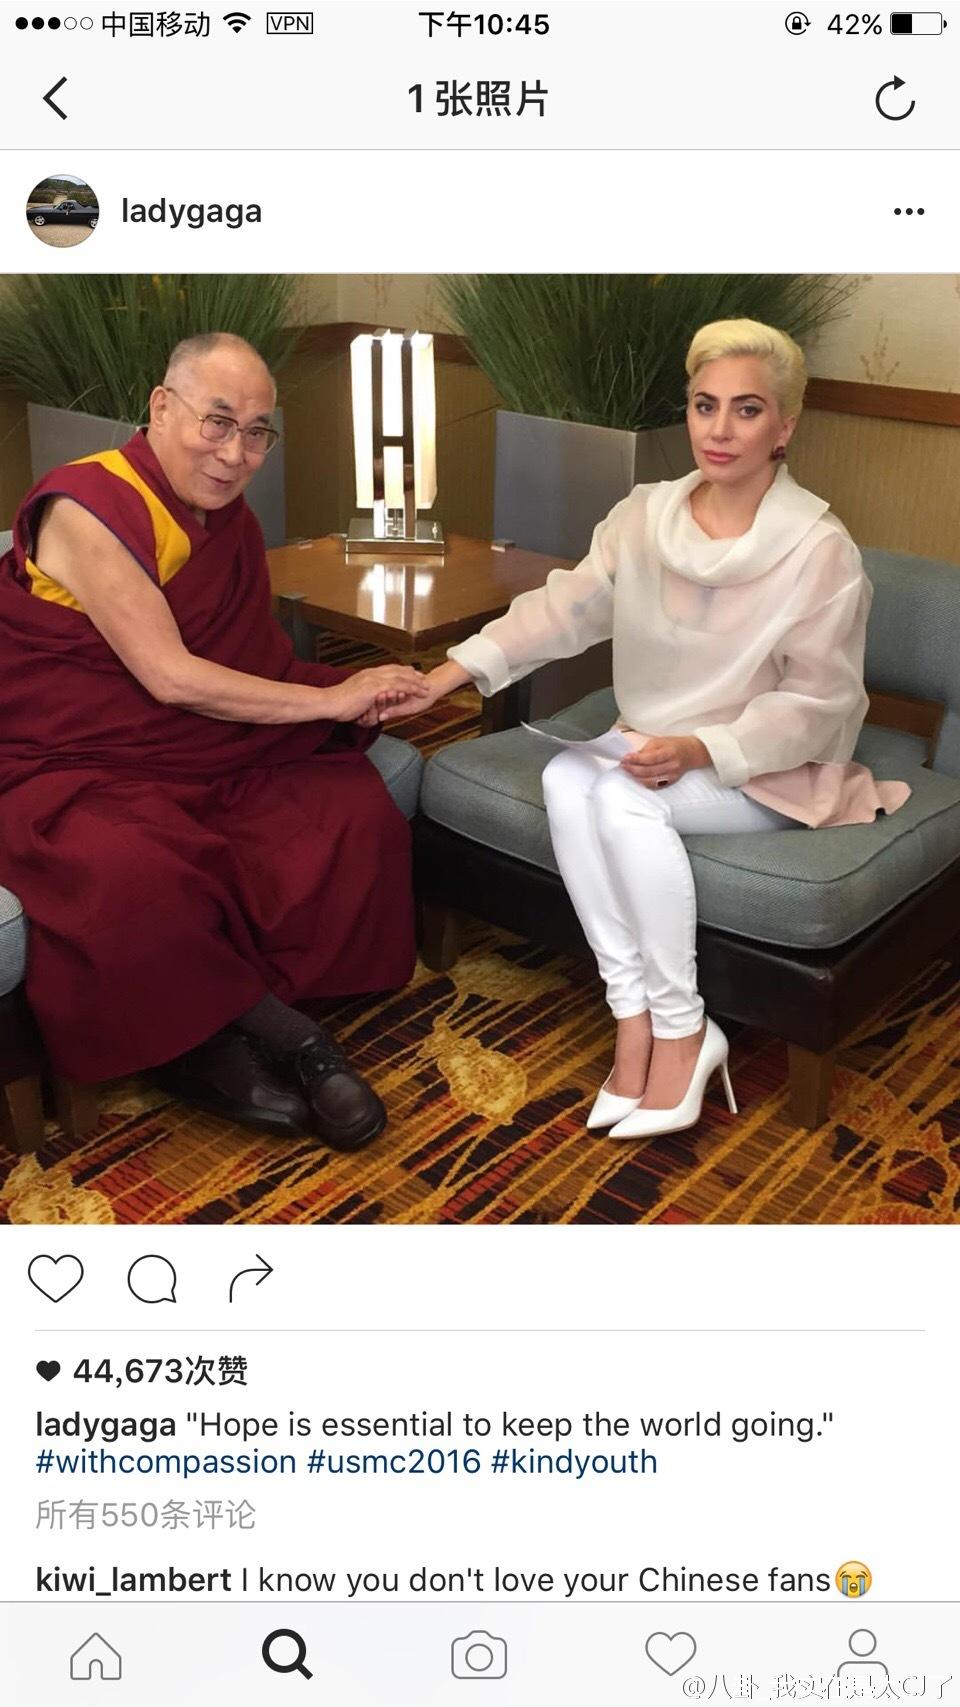 【河蟹档案】Lady Gaga 因见达赖喇嘛遭封杀